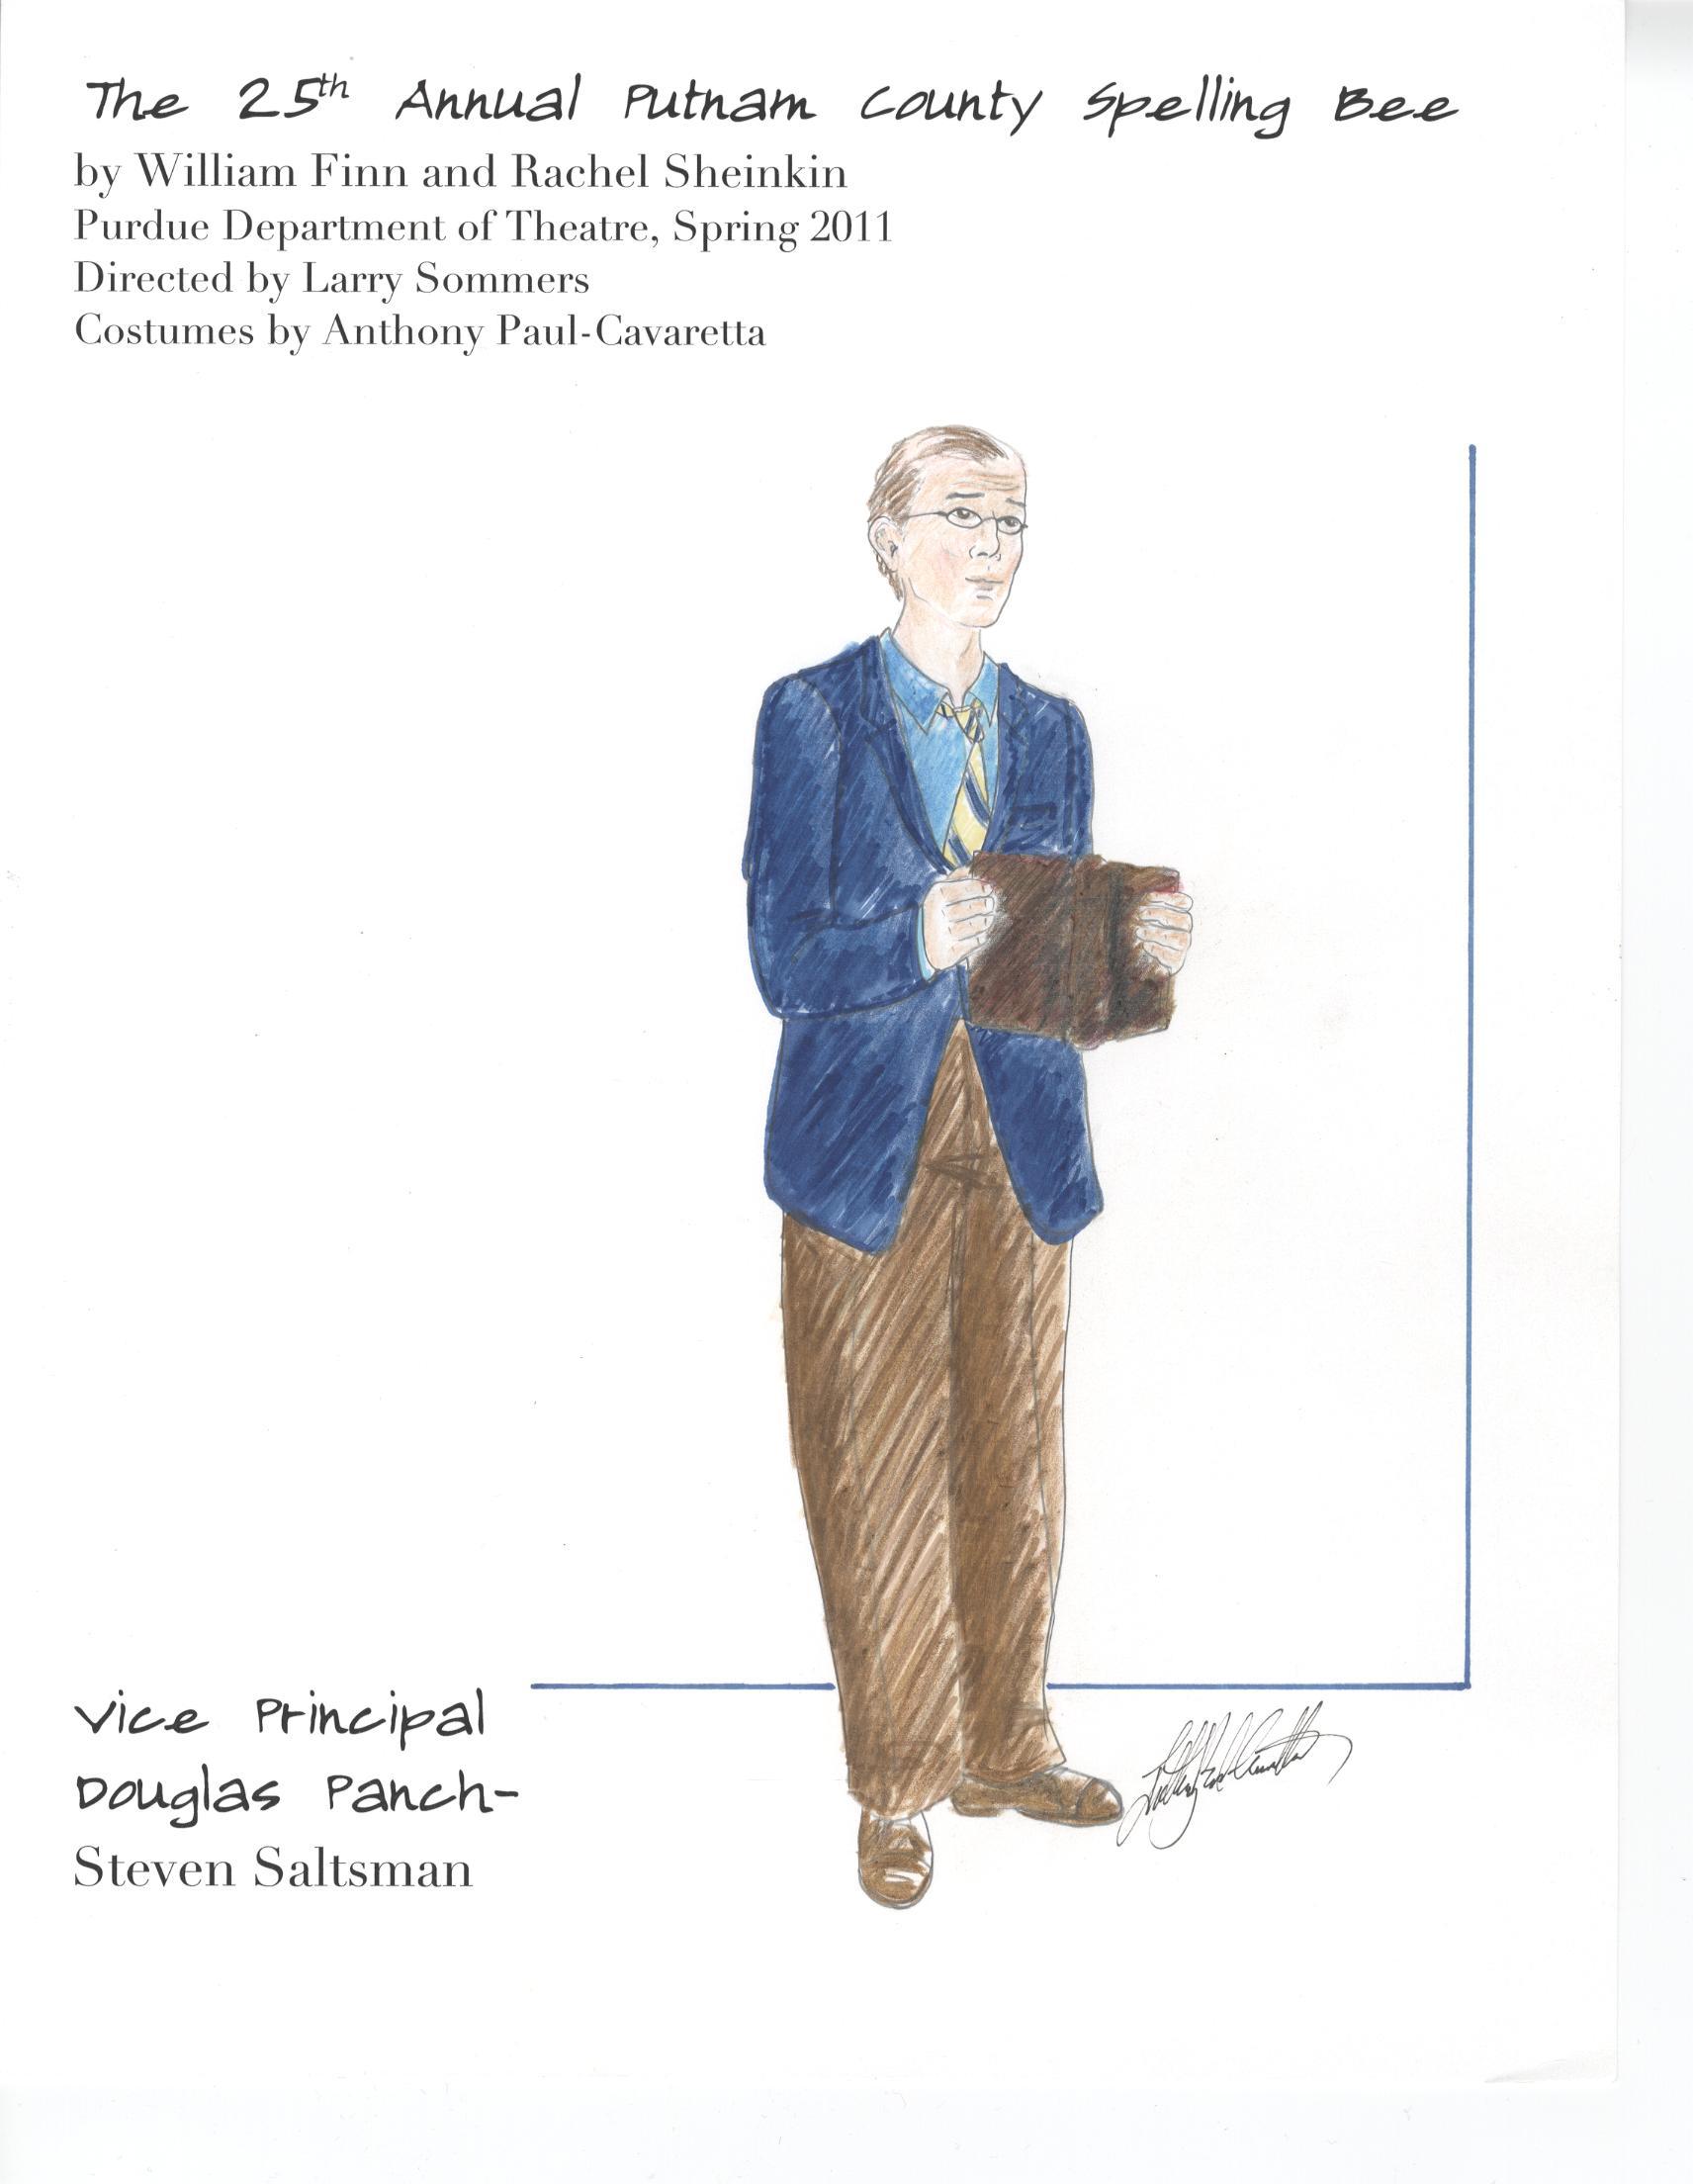 Douglas Panch.jpg